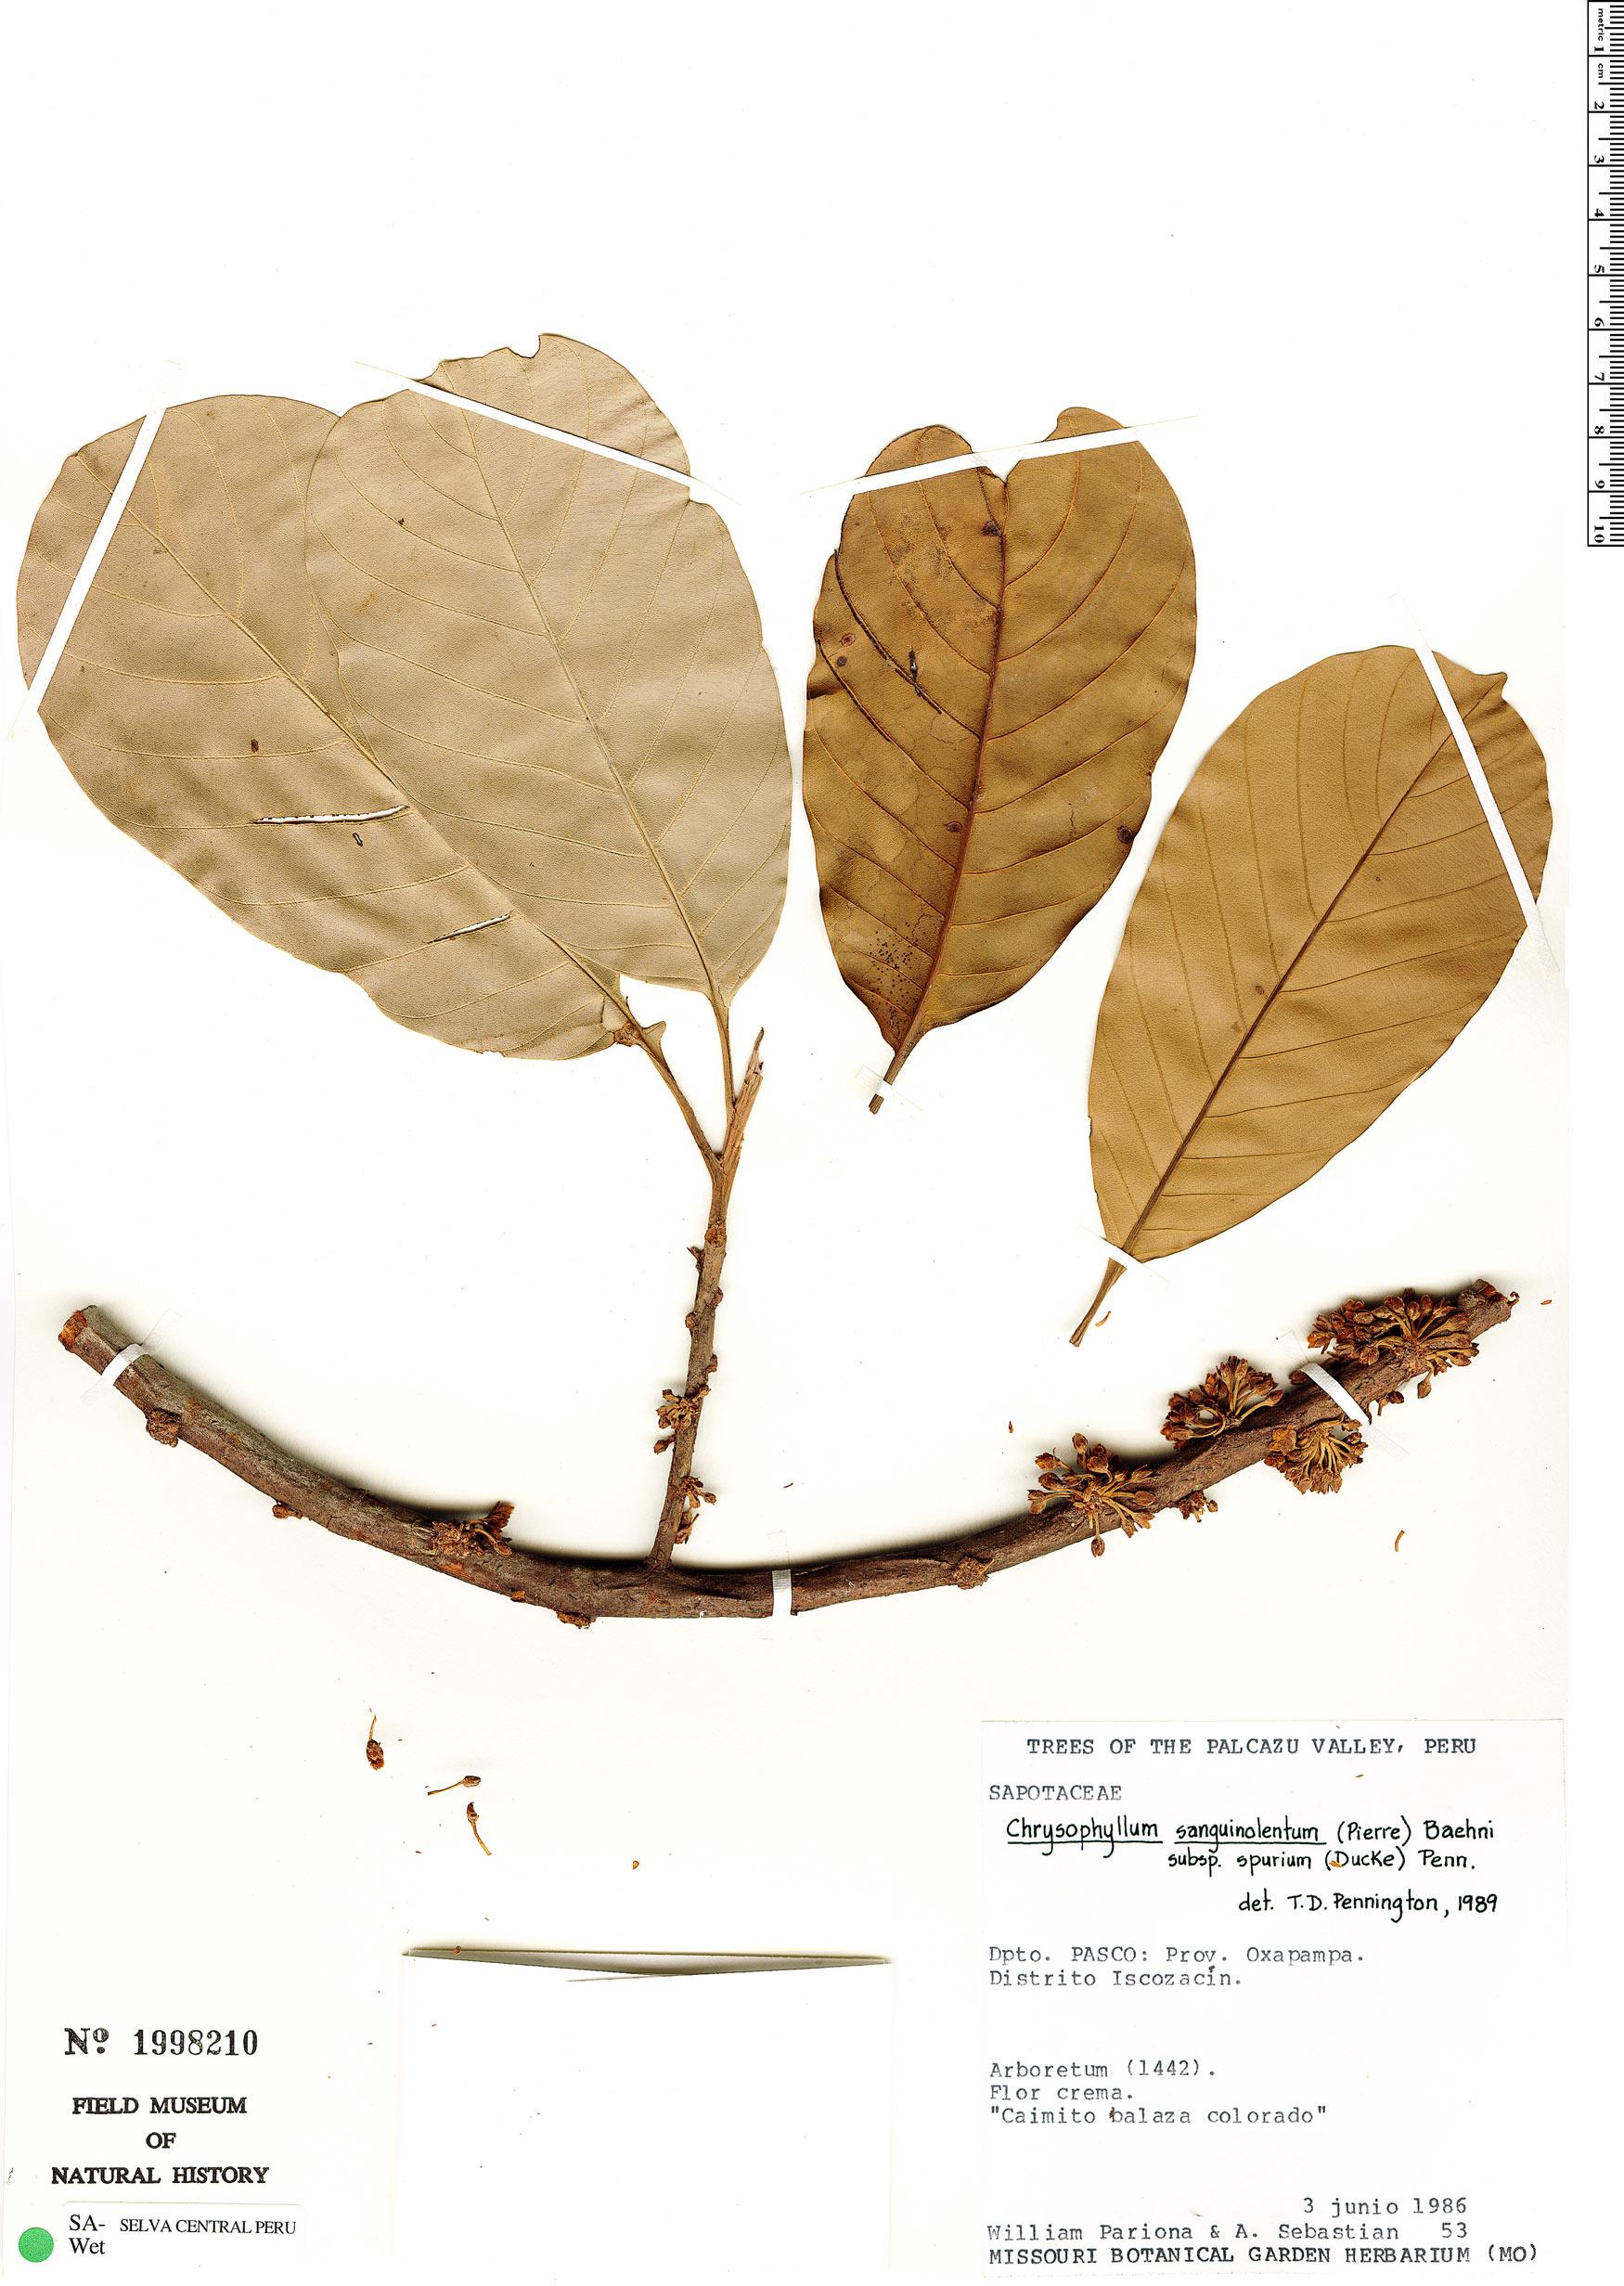 Specimen: Chrysophyllum sanguinolentum